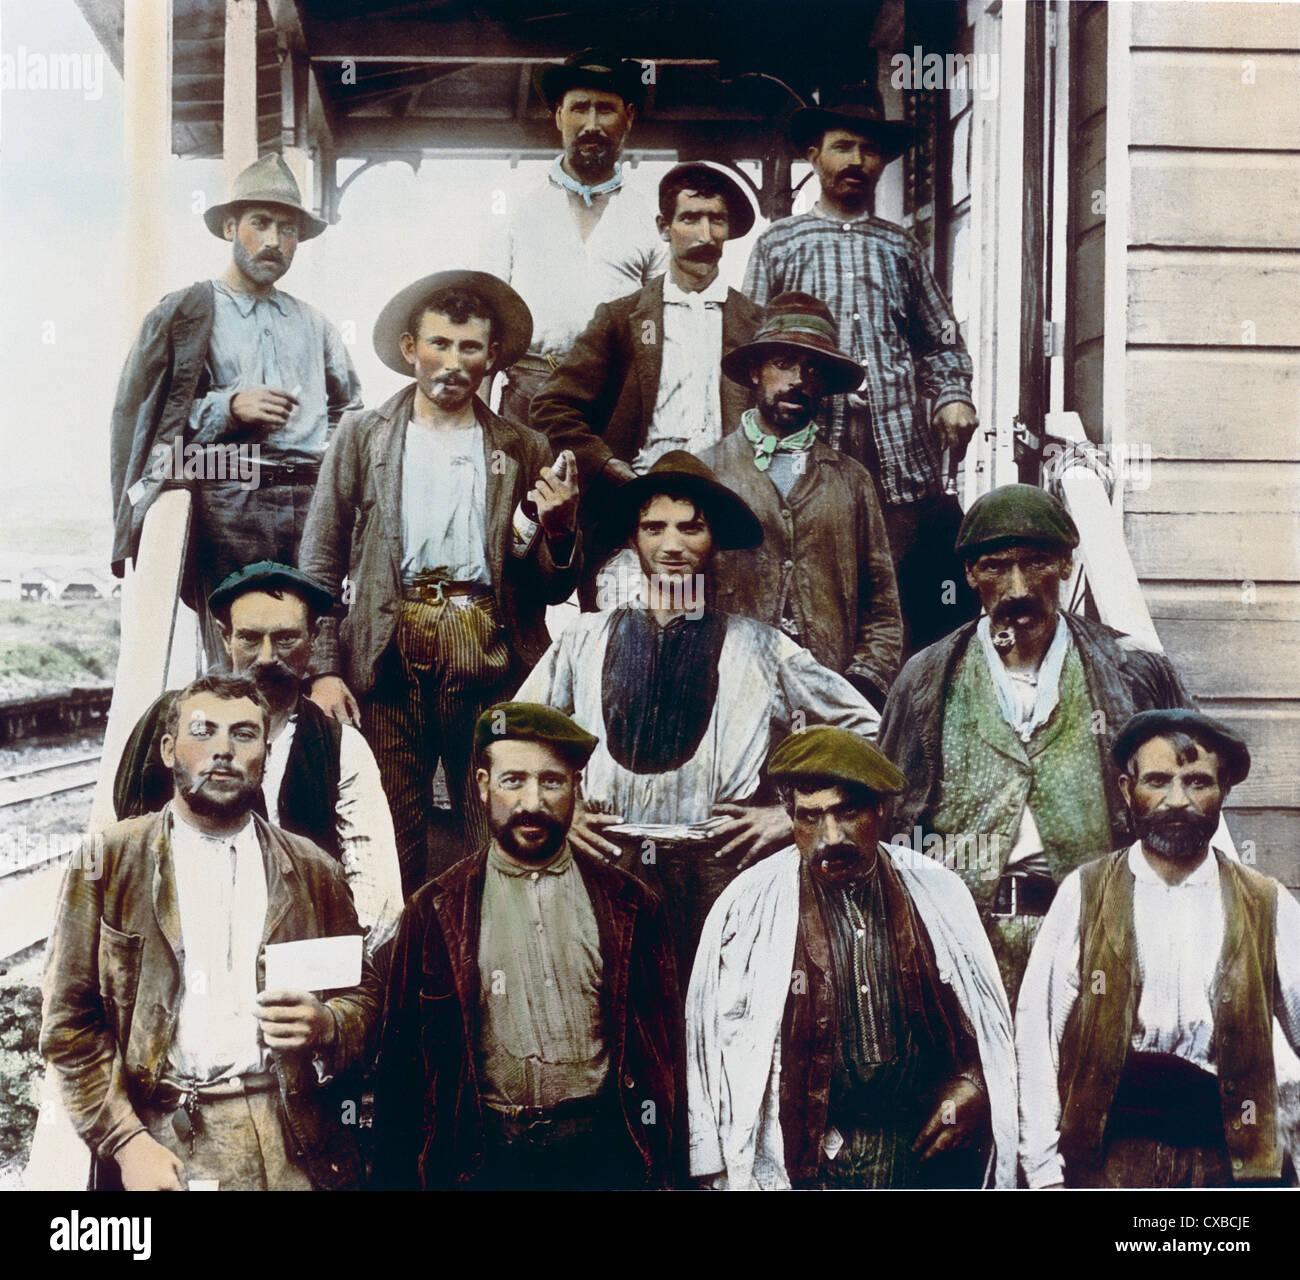 L'espagnol, les travailleurs de la construction du canal de Panama, Panama, 1912 Photo Stock